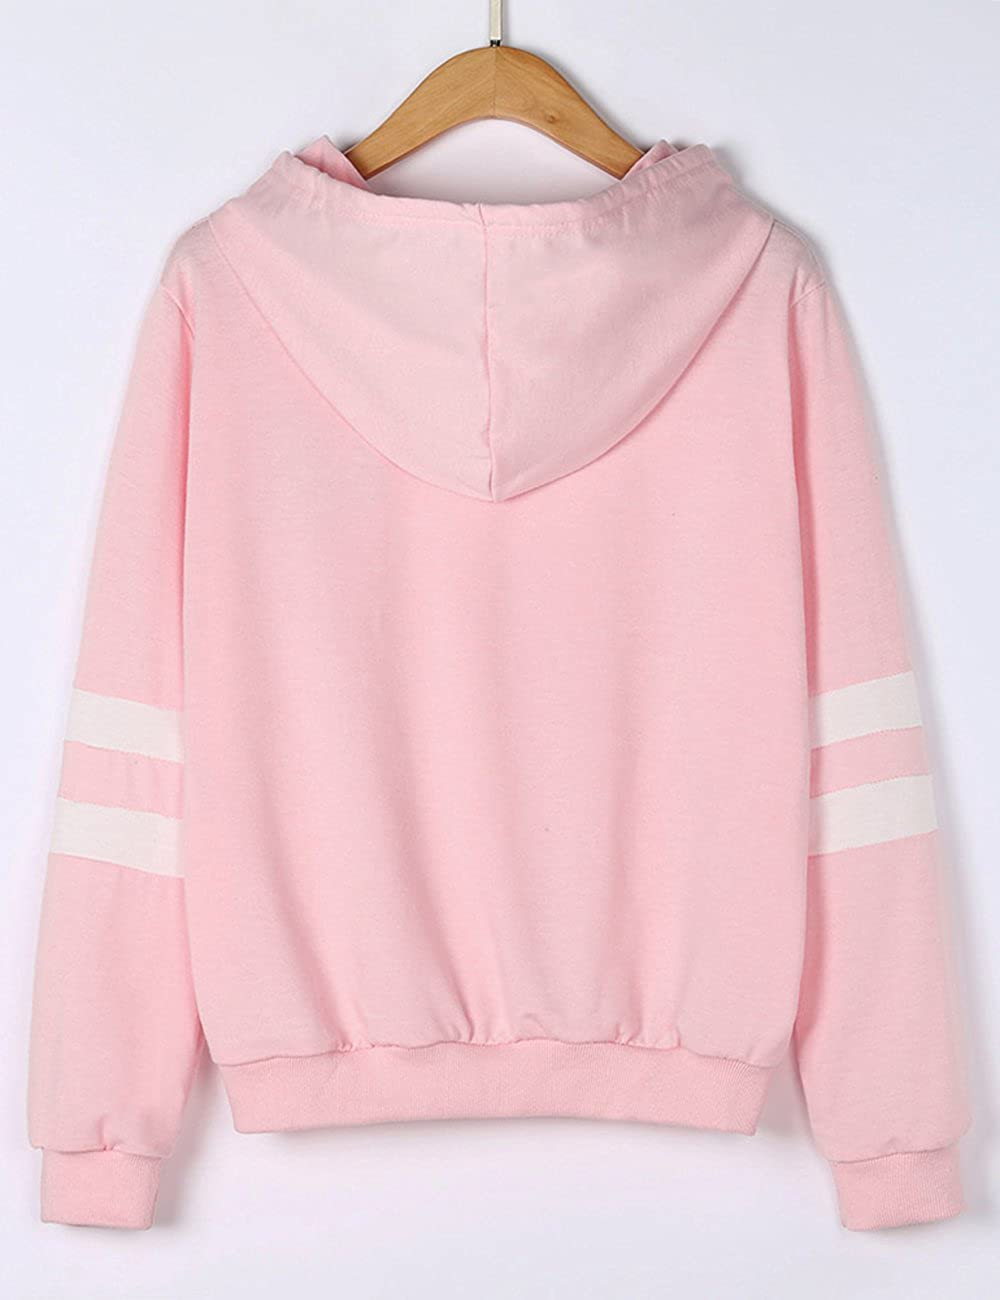 Weant Women Planet Crop Hoodies Star Print Pullover Hoodie Sweatshirt Sweater Jumper Sale Teen Girls Hooded